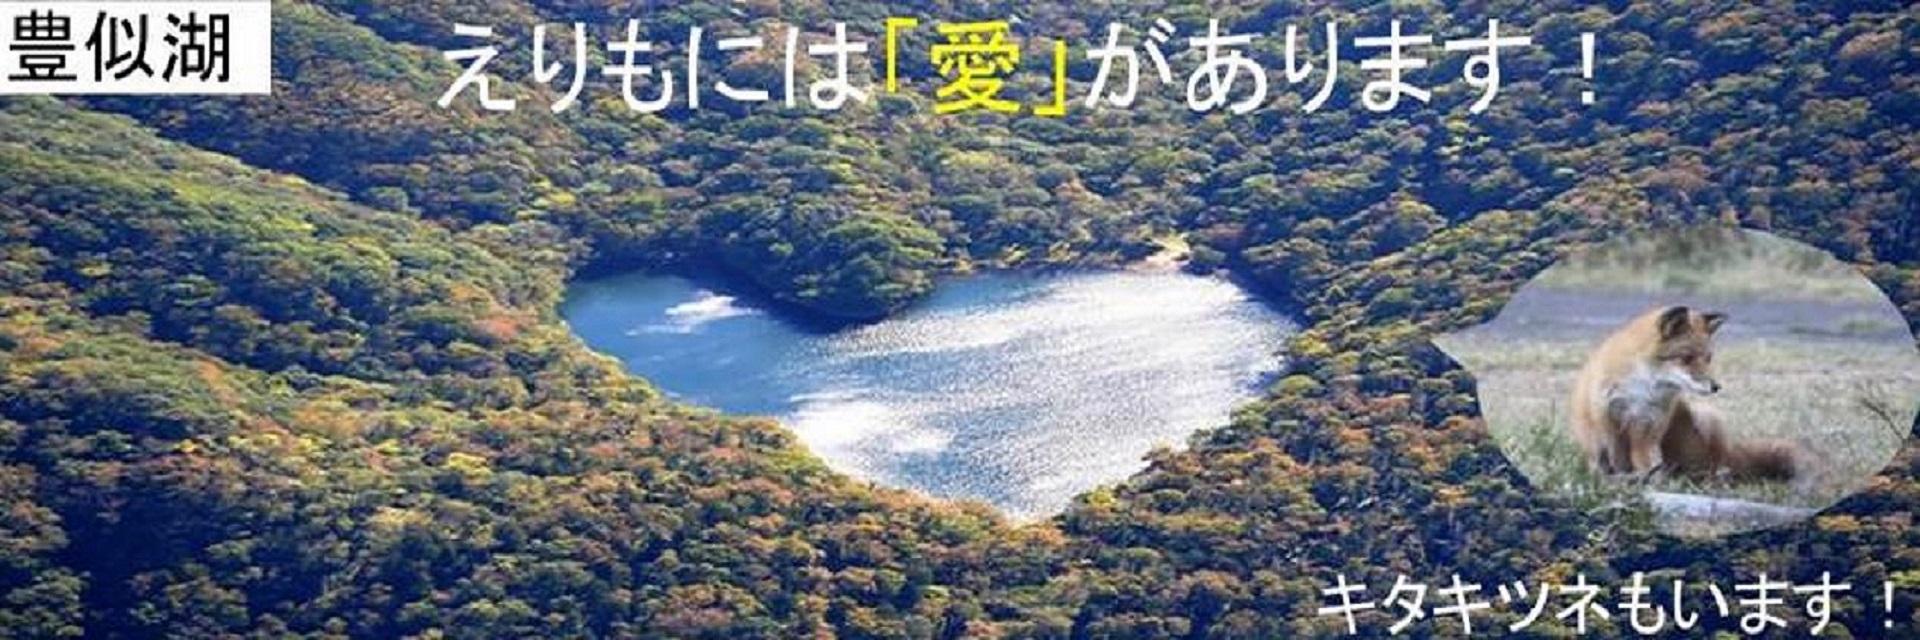 襟裳分屯基地|防衛省 [JASDF] 航空自衛隊